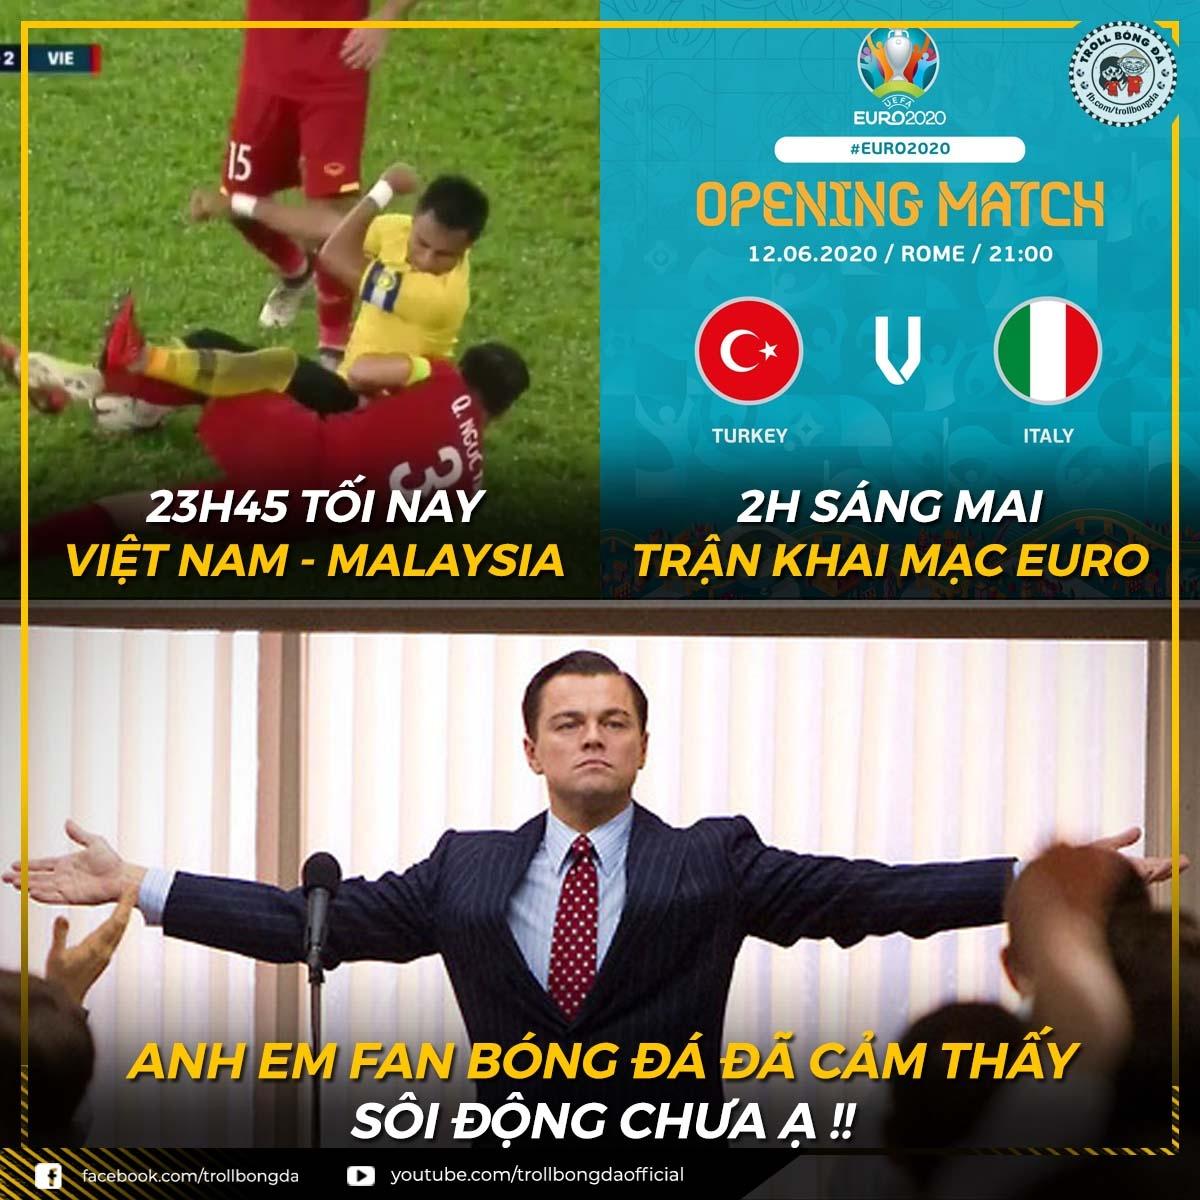 """Người hâm mộ bóng đá Việt Nam sẵn sàng """"quẩy"""" xuyên đêm. (Ảnh: Troll Bóng Đá)"""